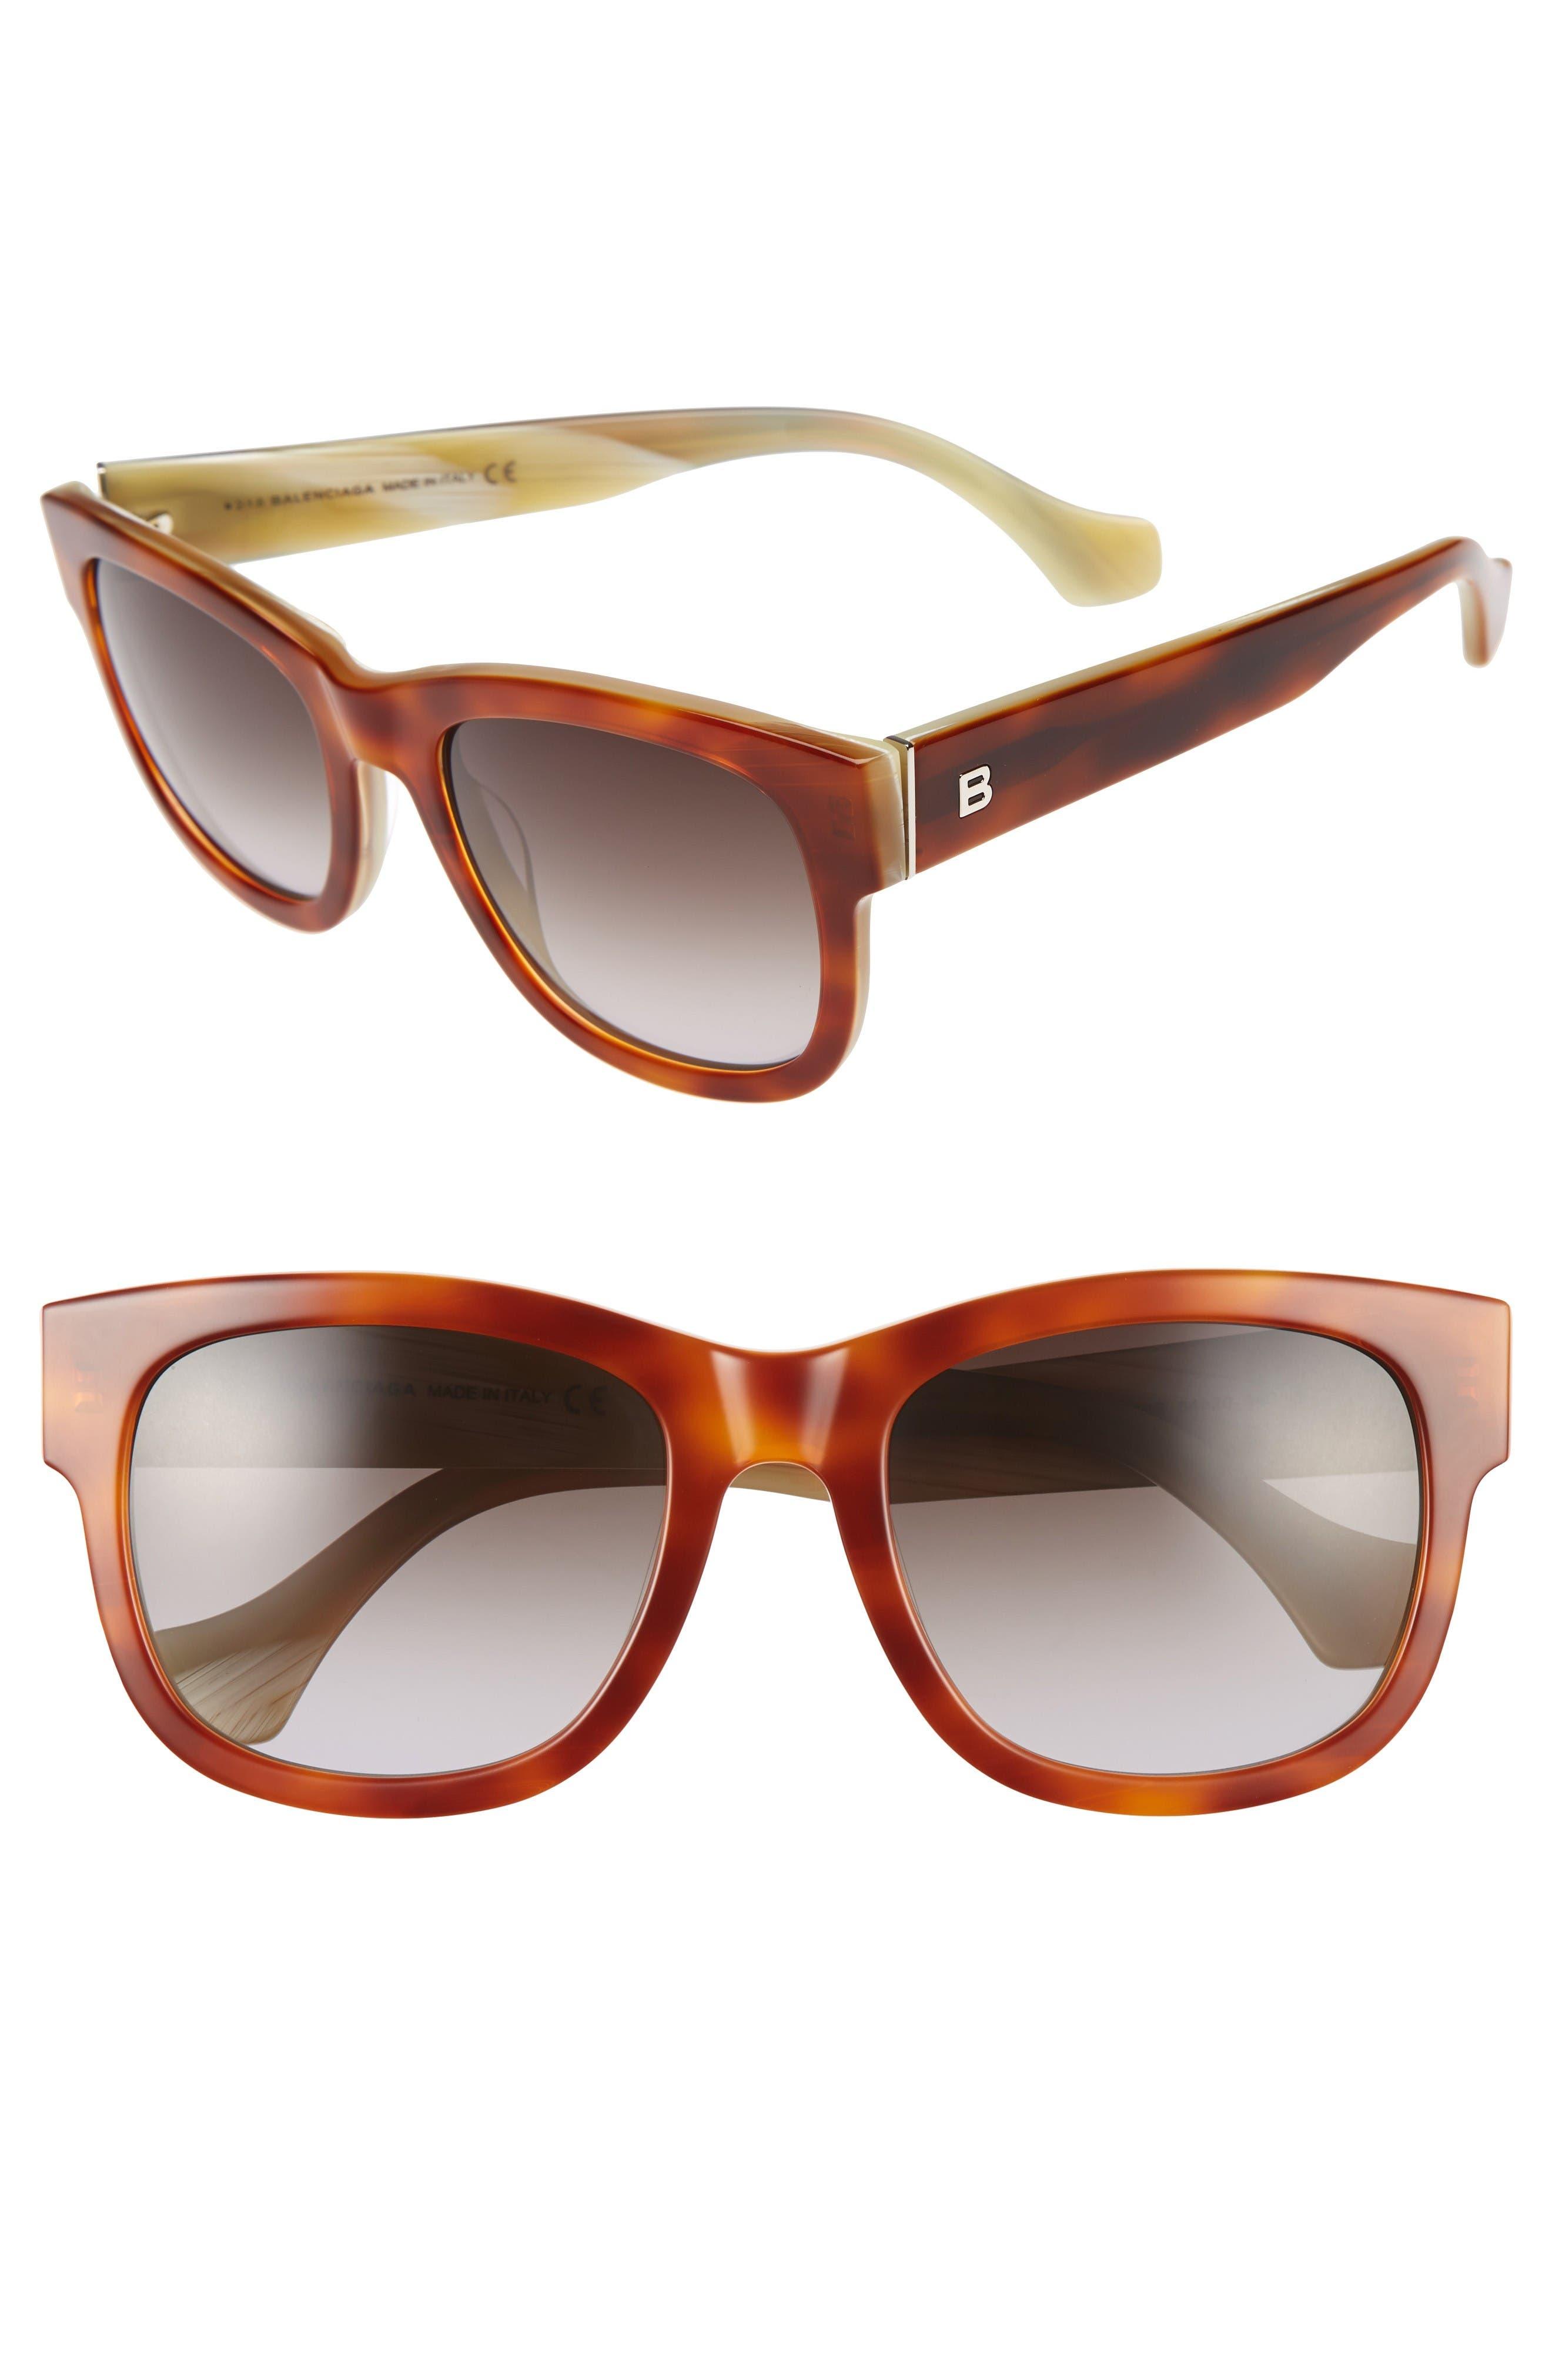 Balenciaga 54mm Retro Sunglasses